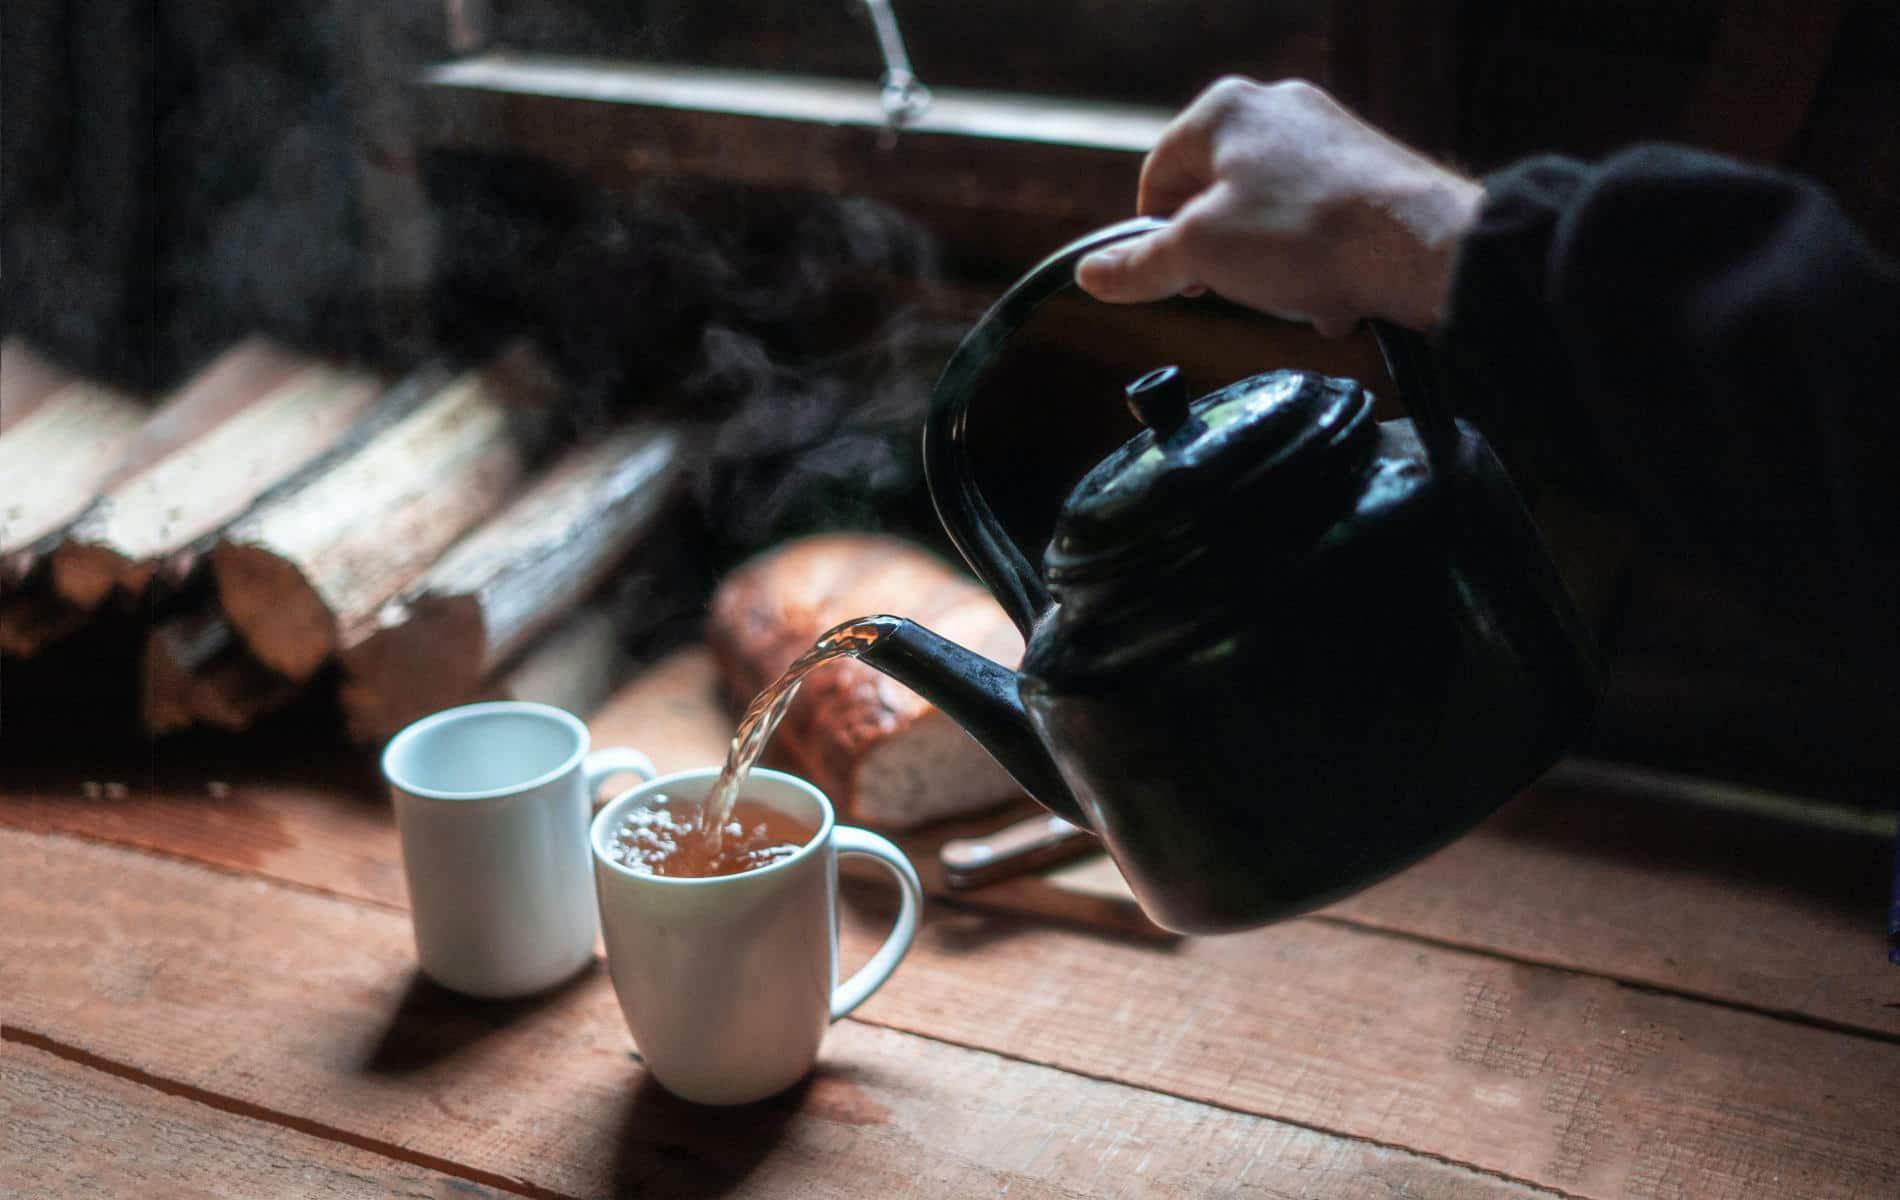 Heißer Tee zum sanften Aufwärmen nach der Kälte - Biohacking Bad Dürrheim